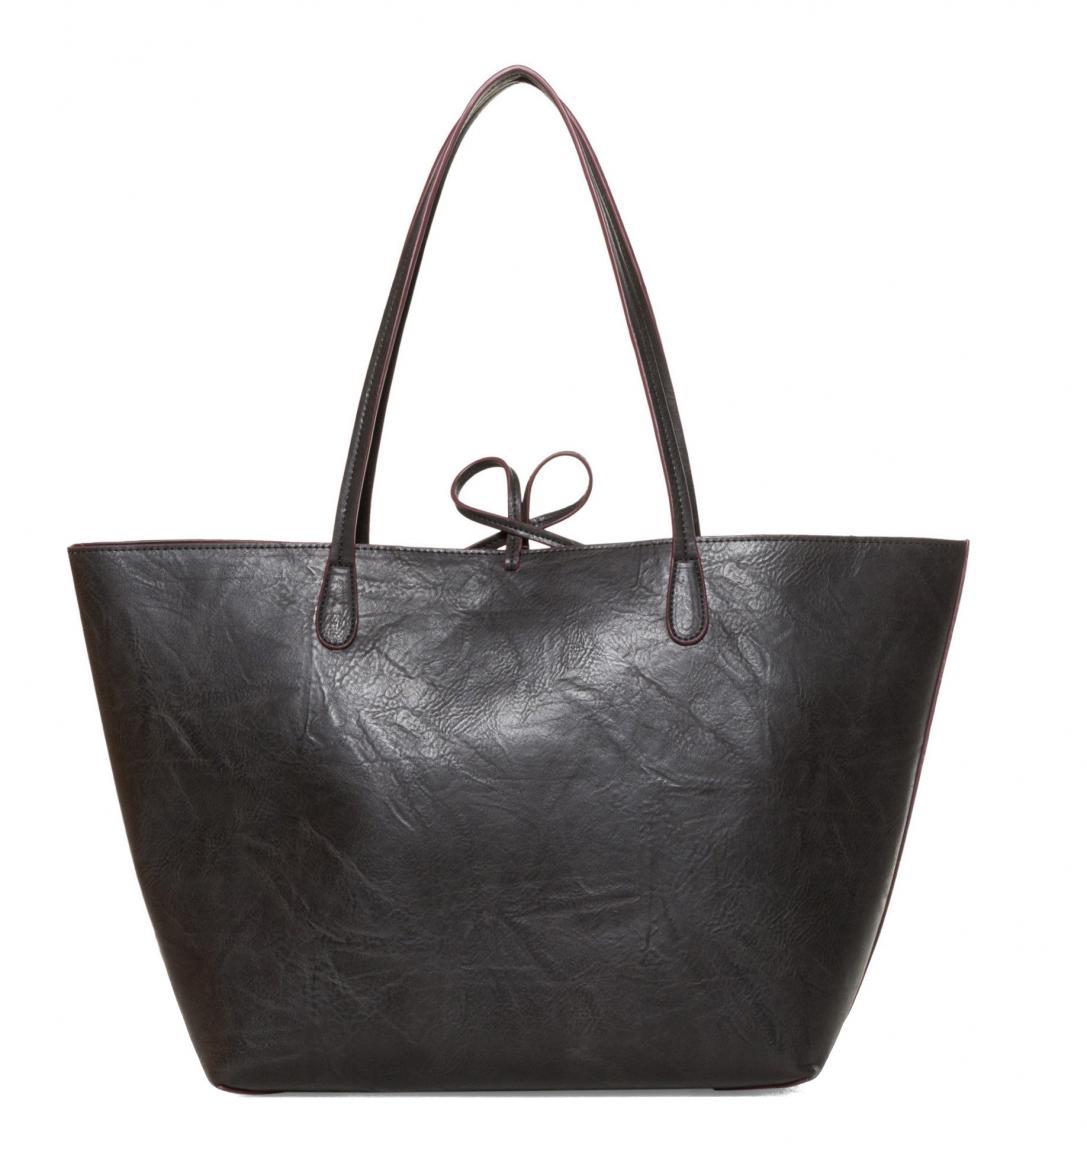 Desigual Capri bestickte Shoppertasche schwarz bunt Mandala